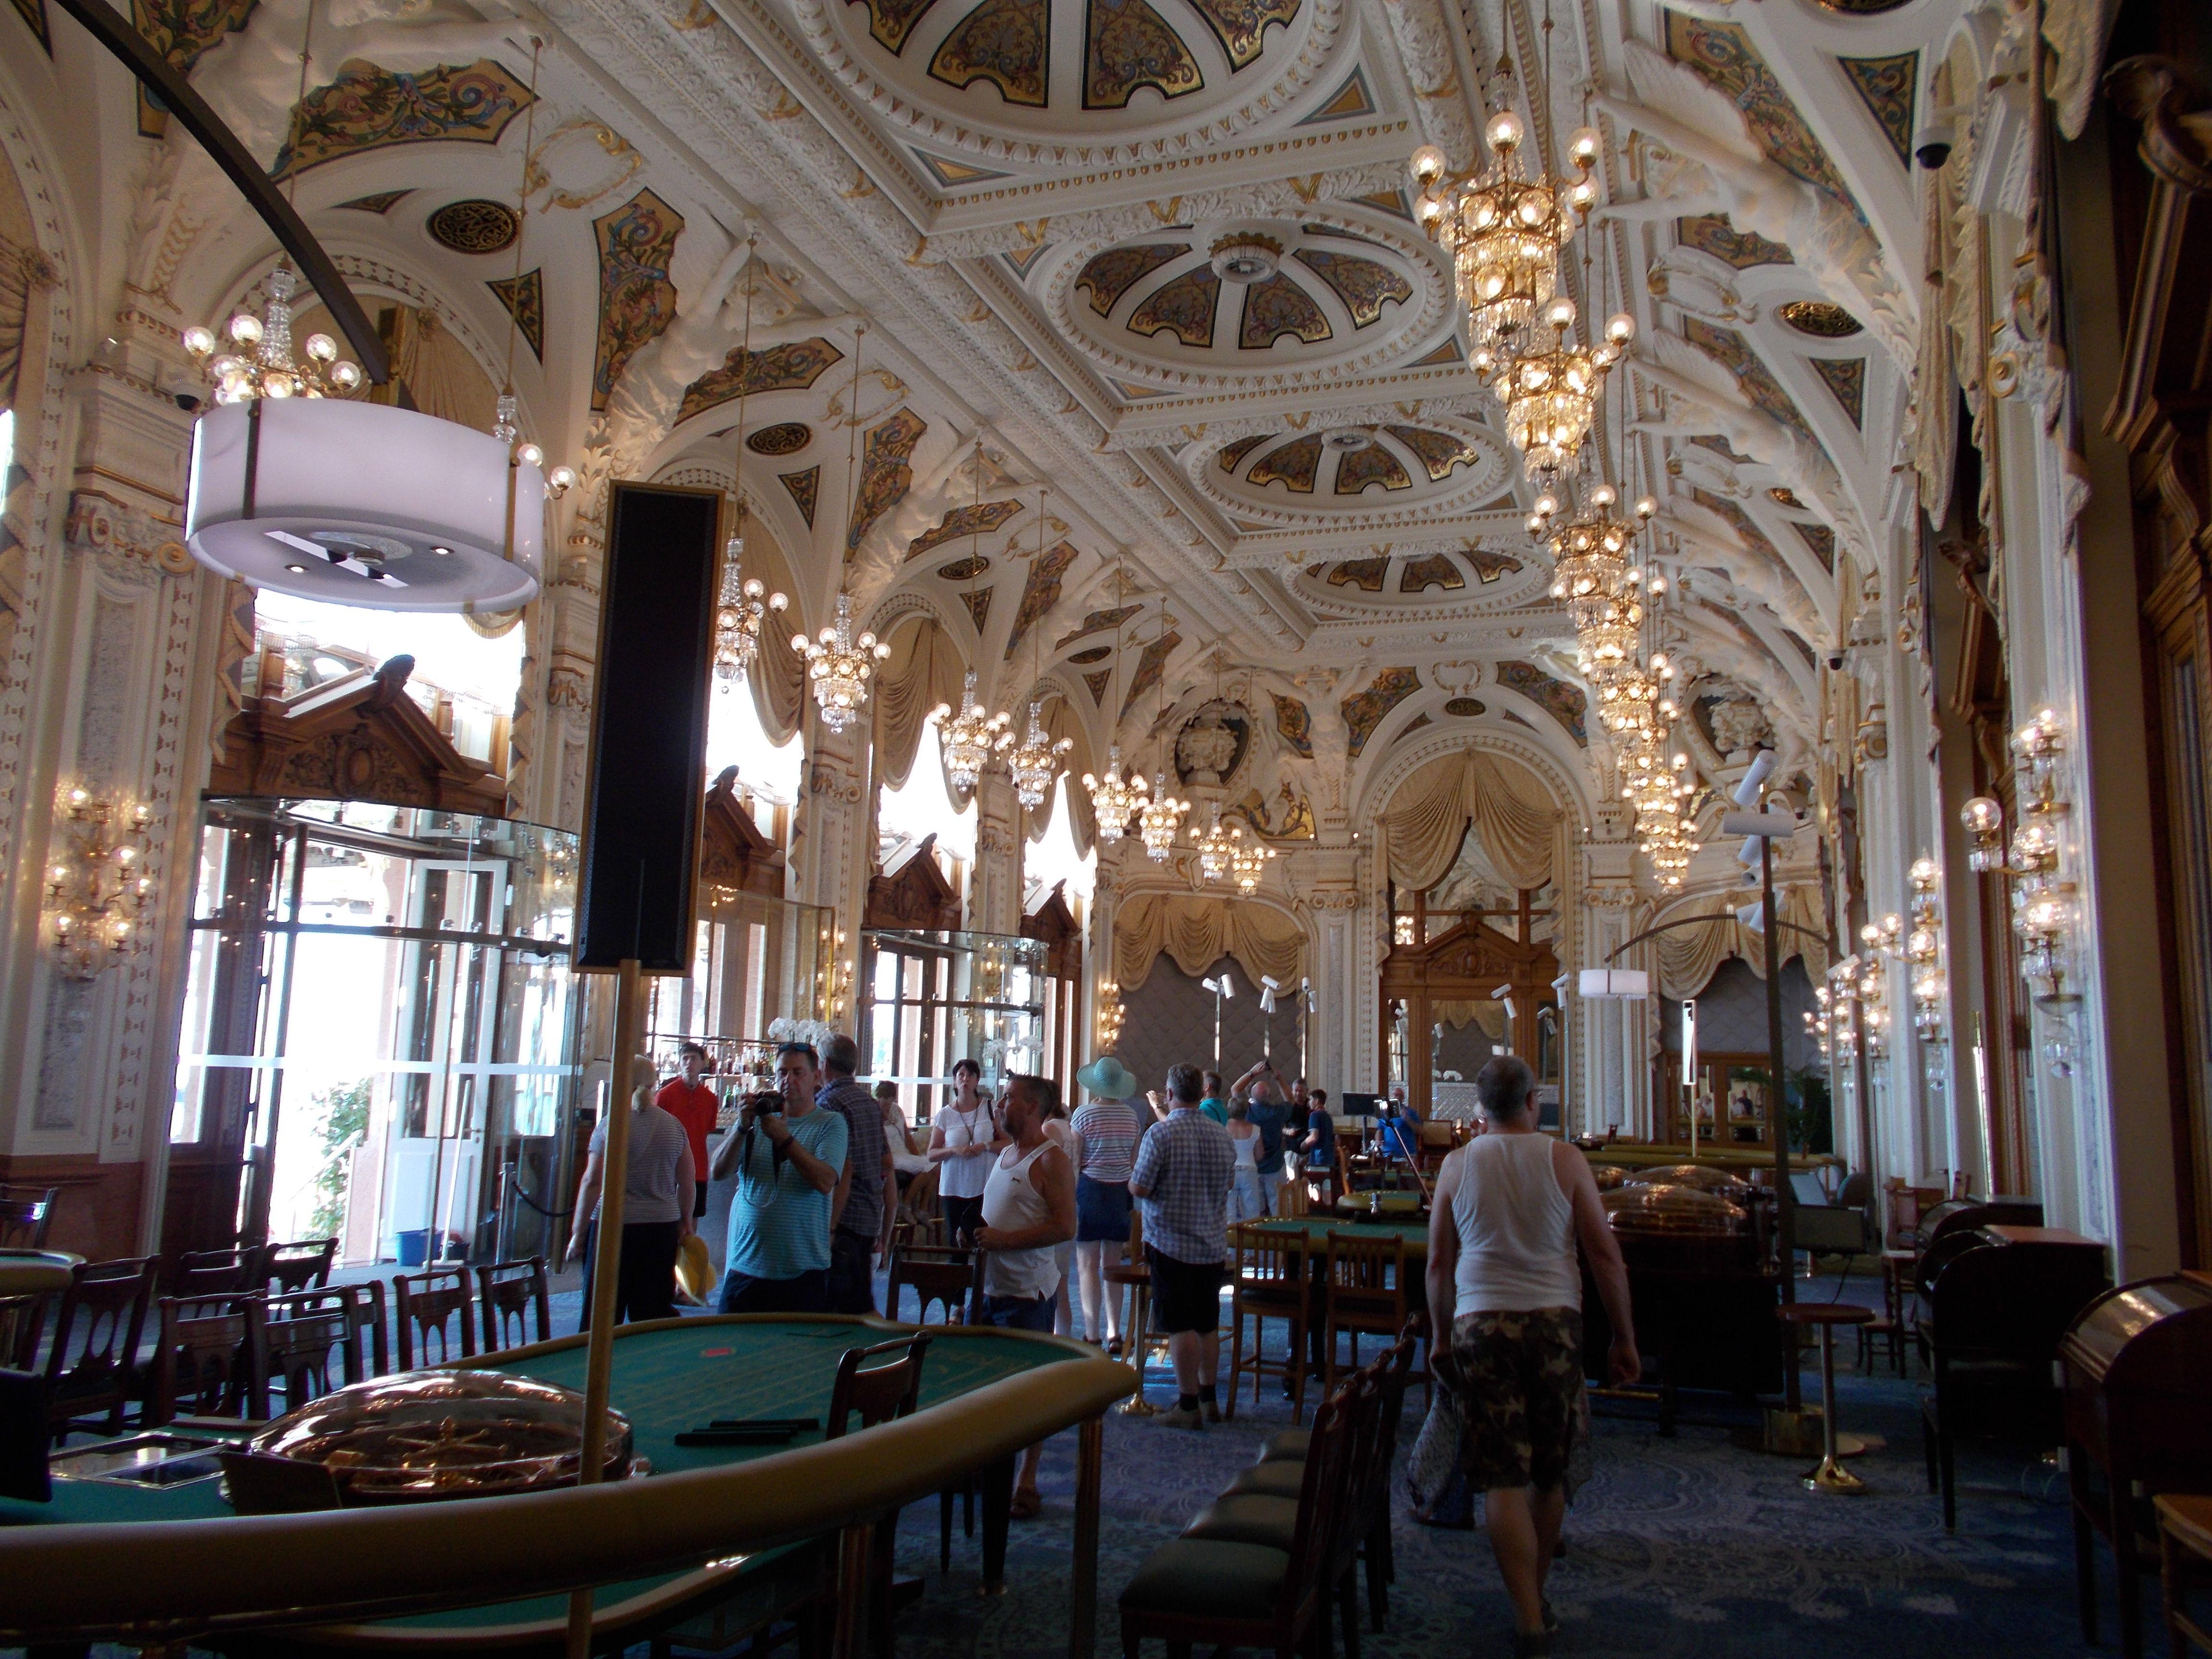 Inside the casino at Monte Carlo